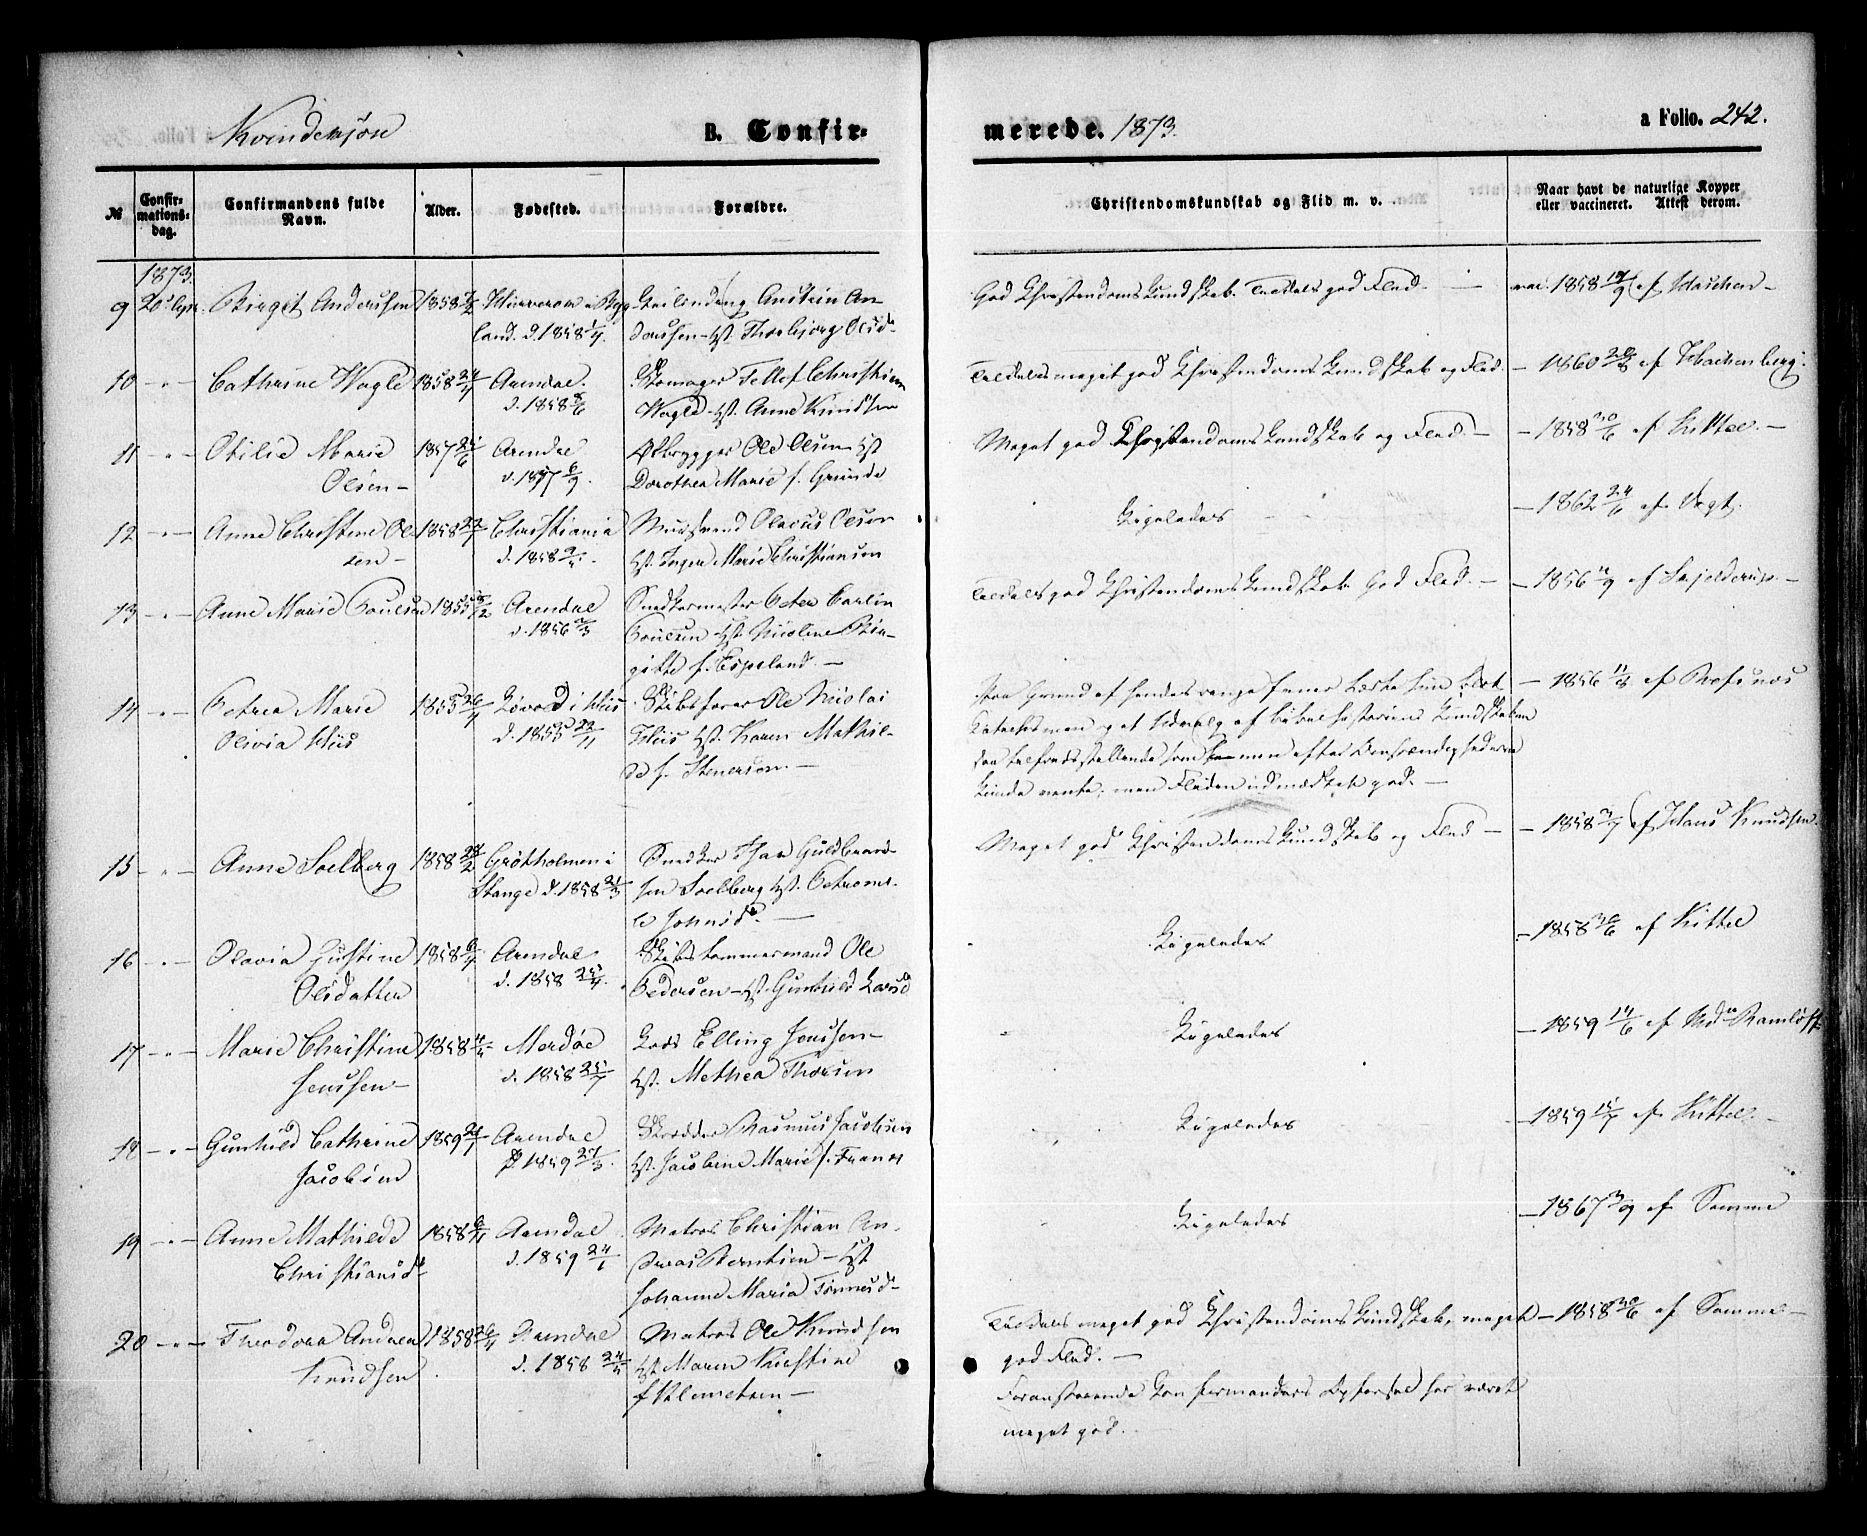 SAK, Arendal sokneprestkontor, Trefoldighet, F/Fa/L0007: Ministerialbok nr. A 7, 1868-1878, s. 242